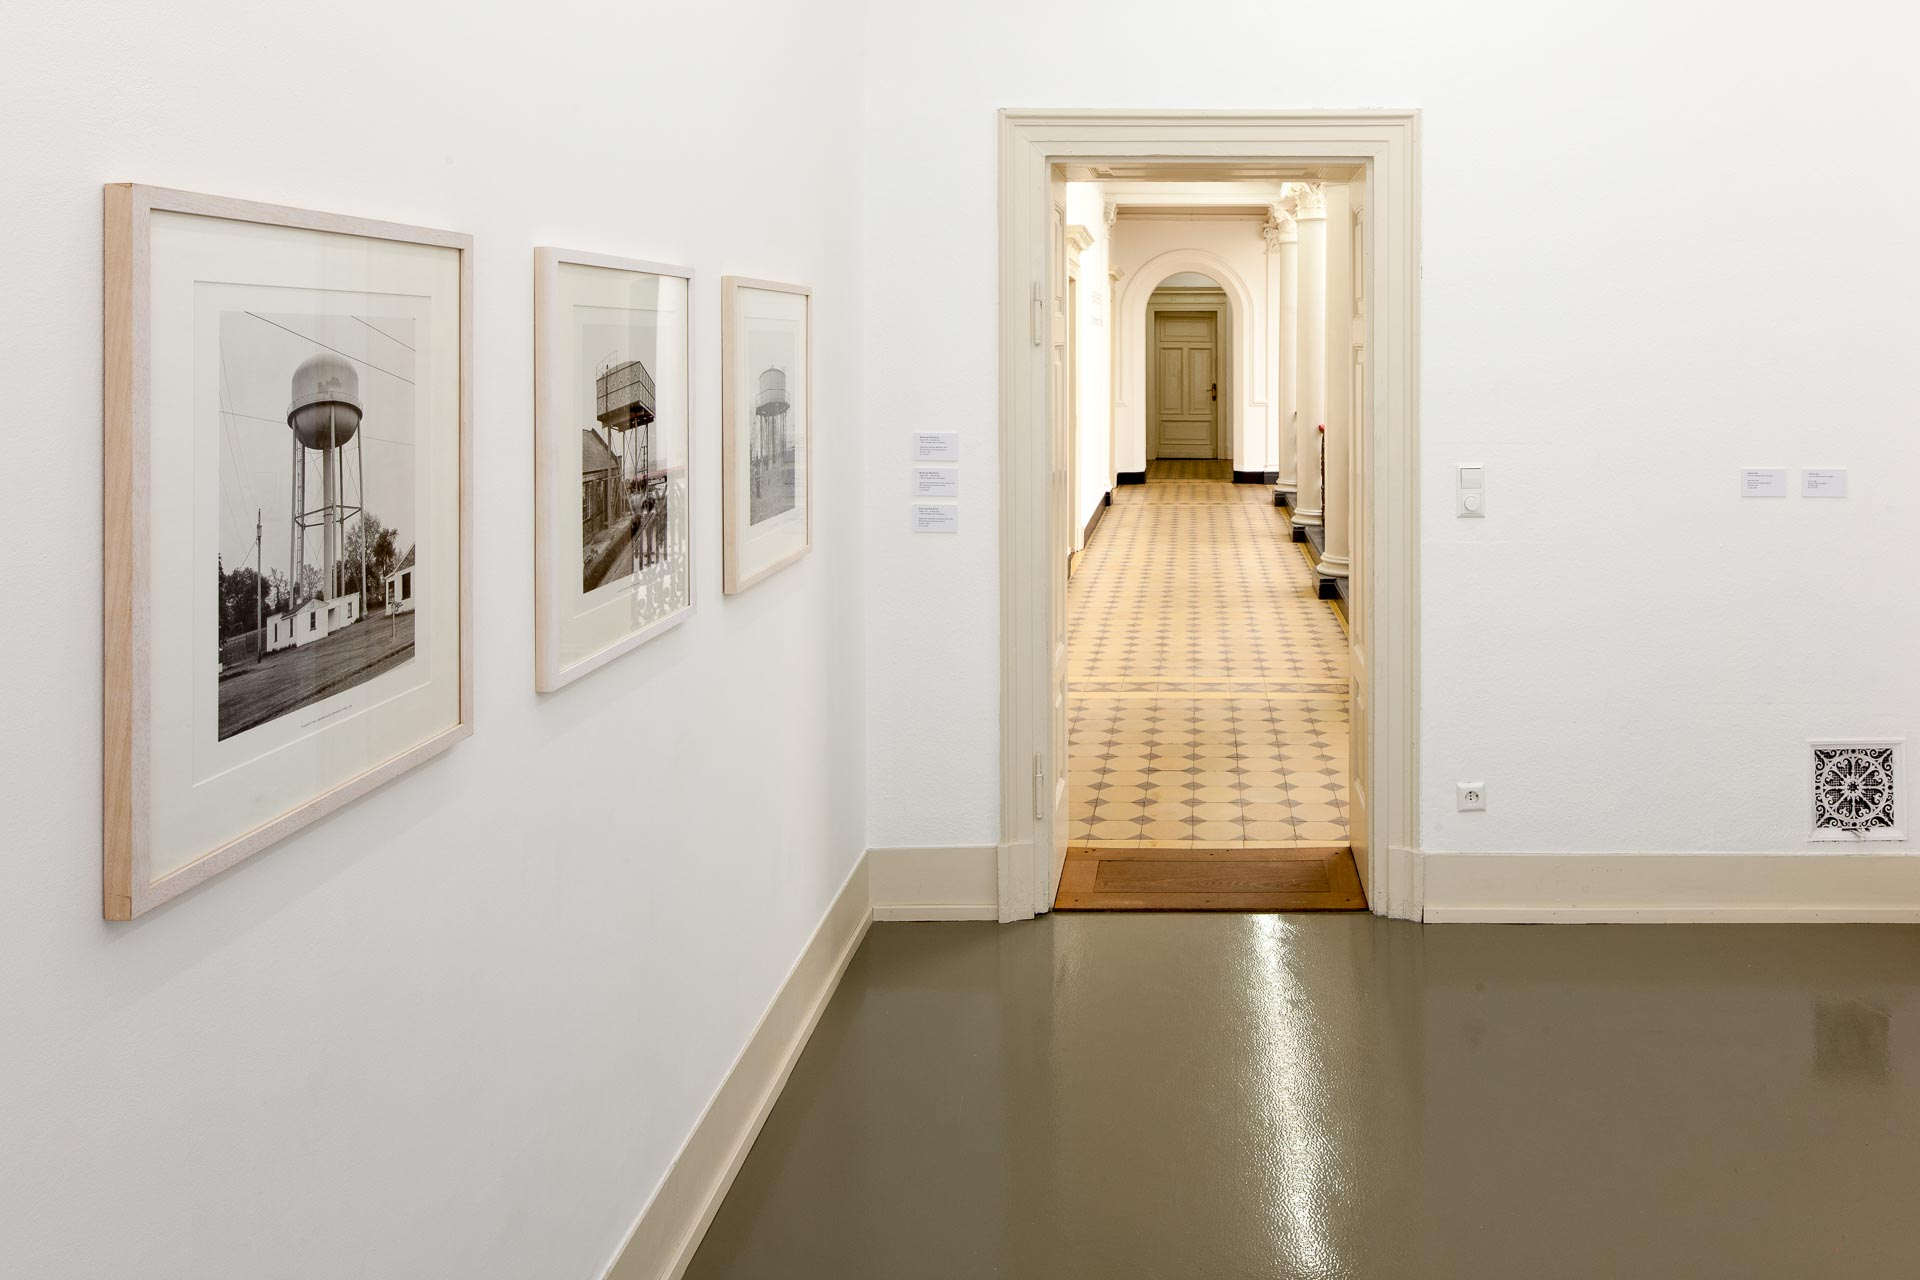 Villa Merkel, Graphische Sammlung